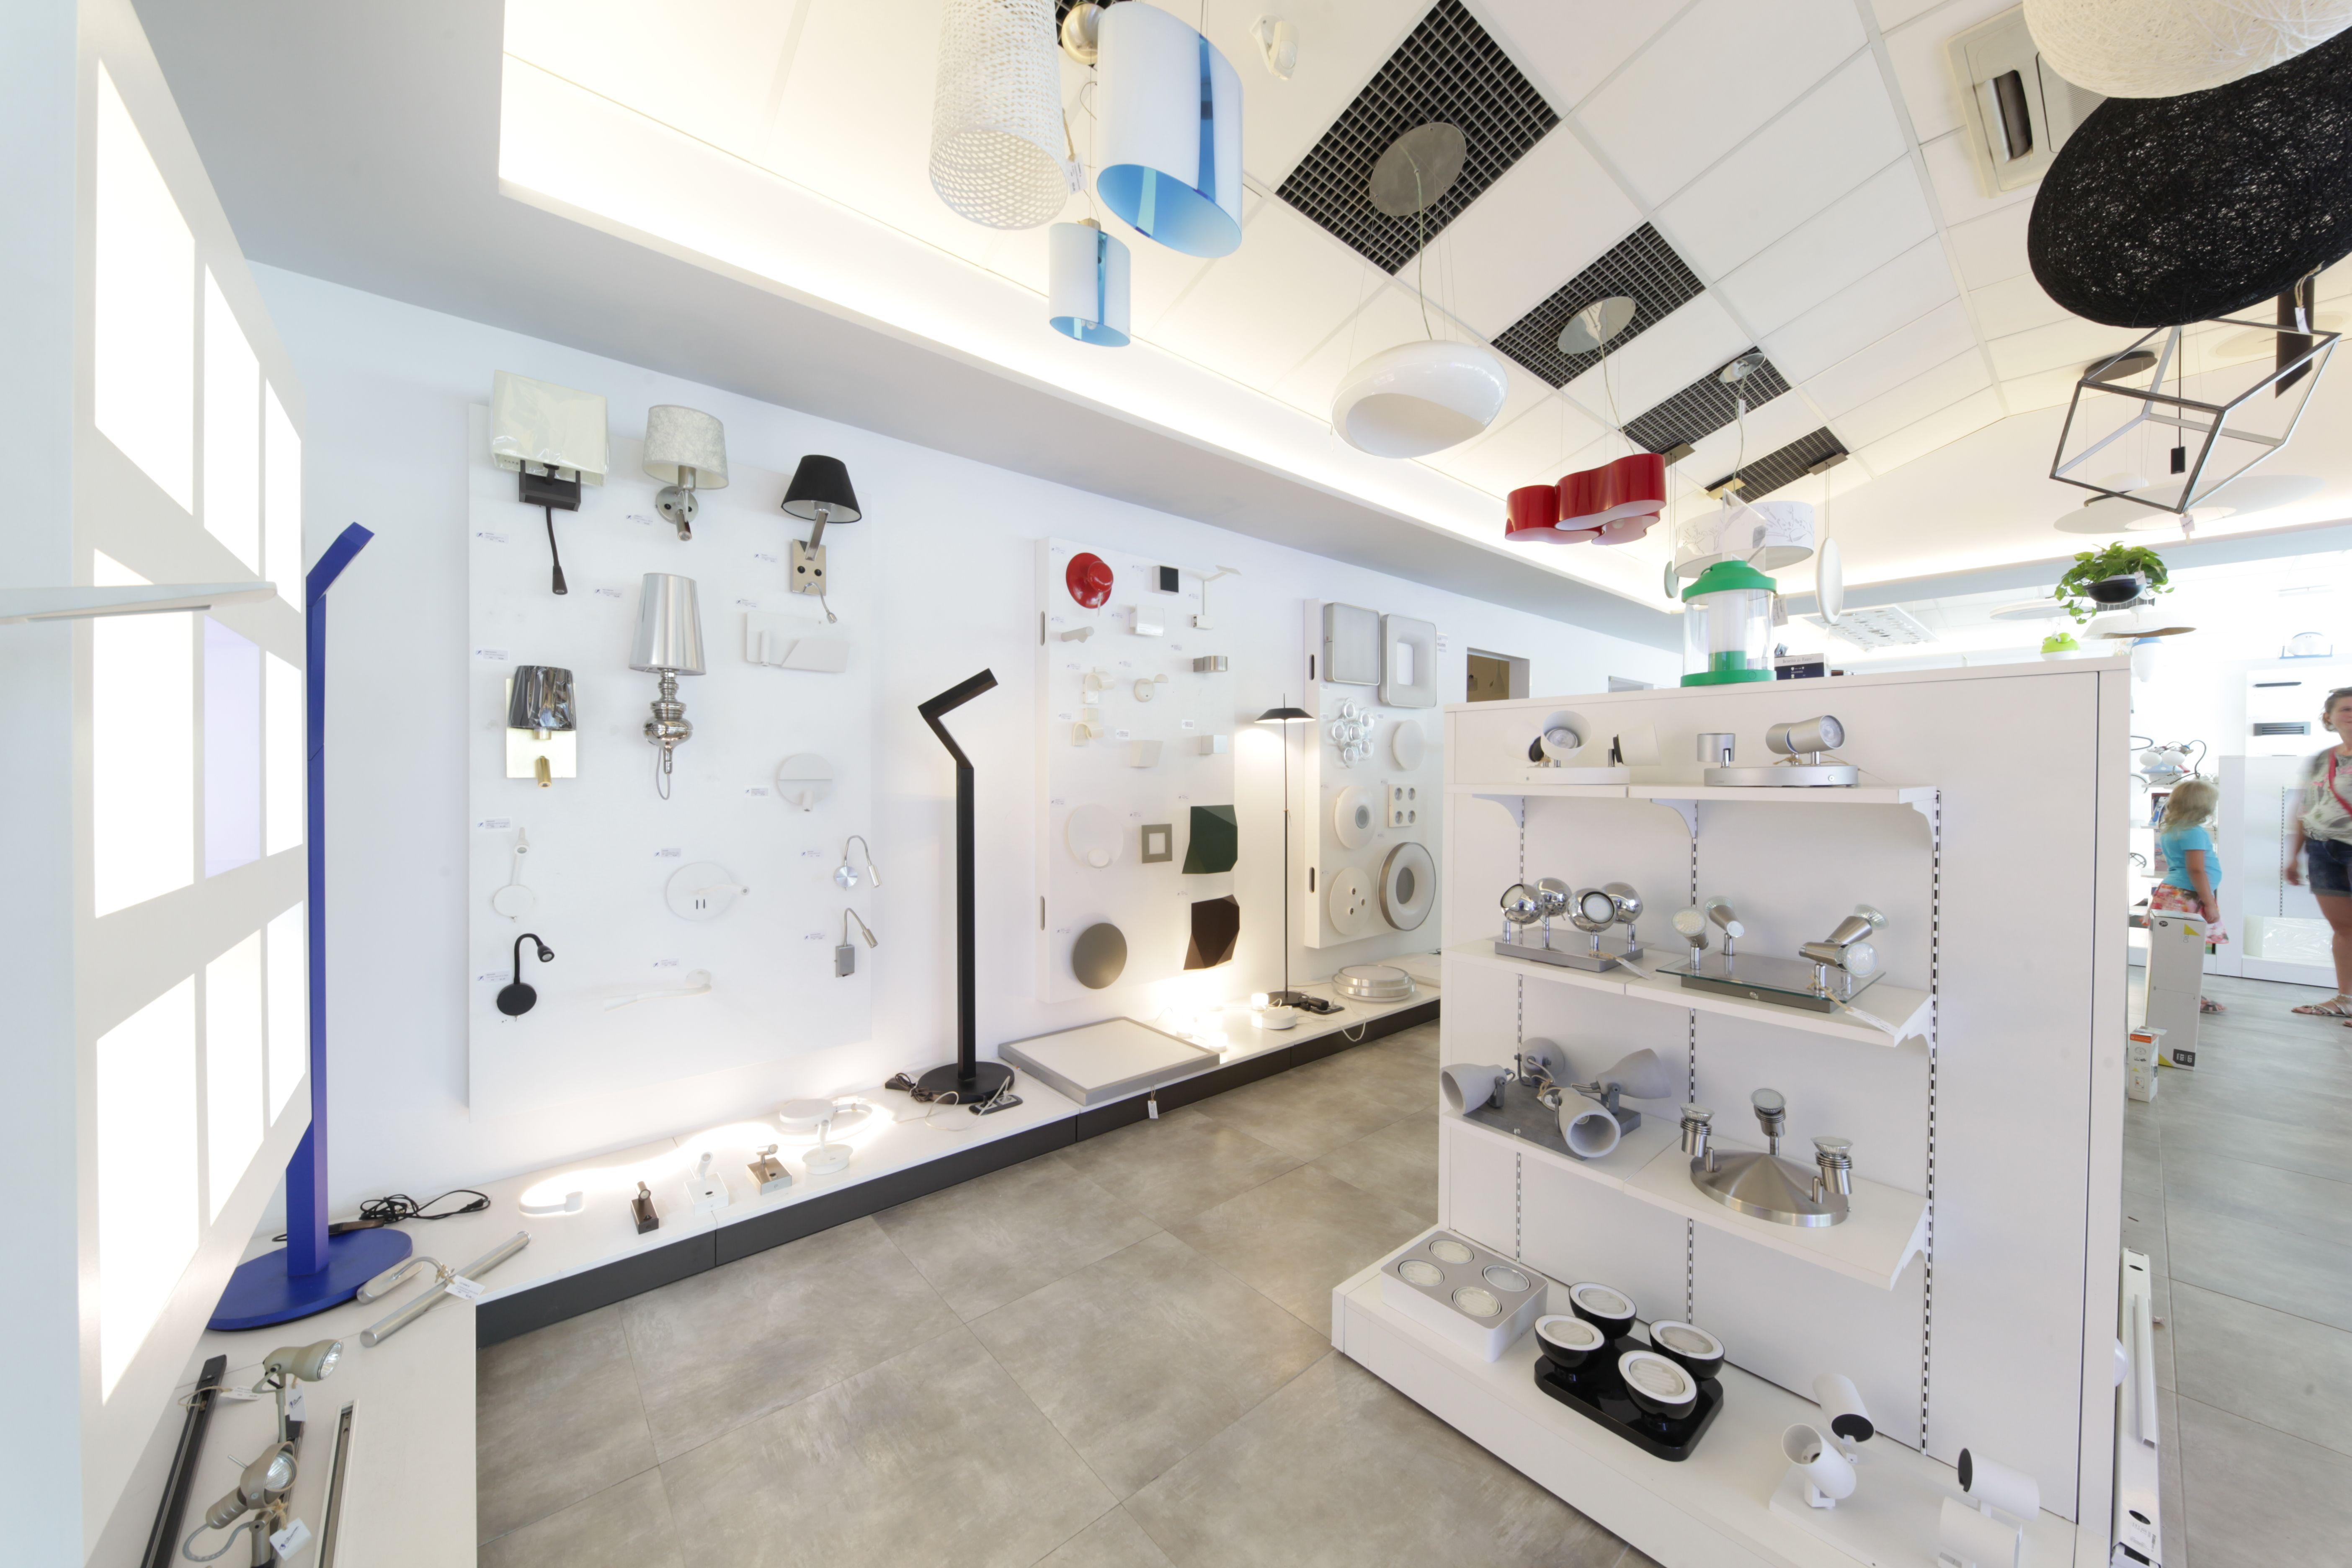 C. B. Electric, tienda de iluminación